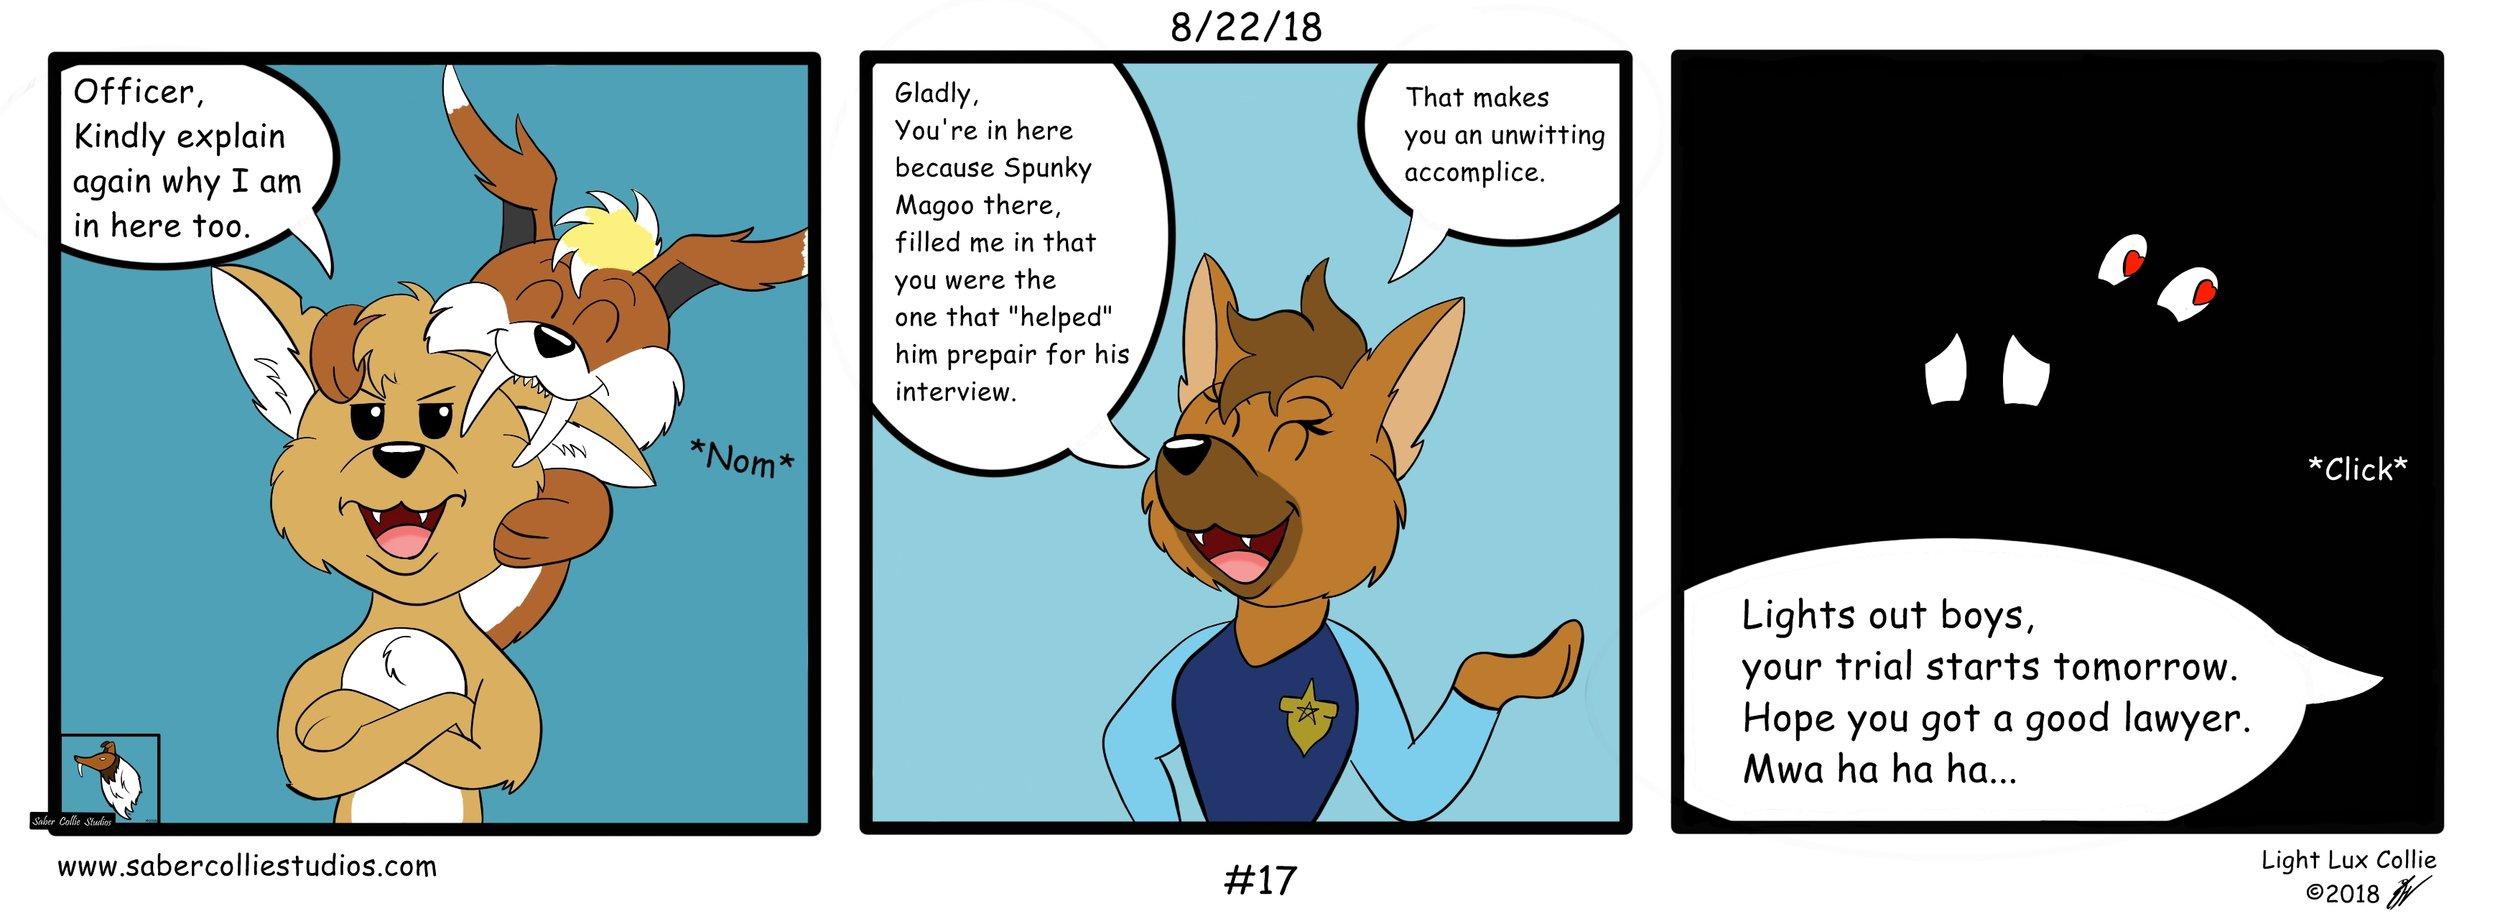 Comic Comic 8 22 18 .jpg